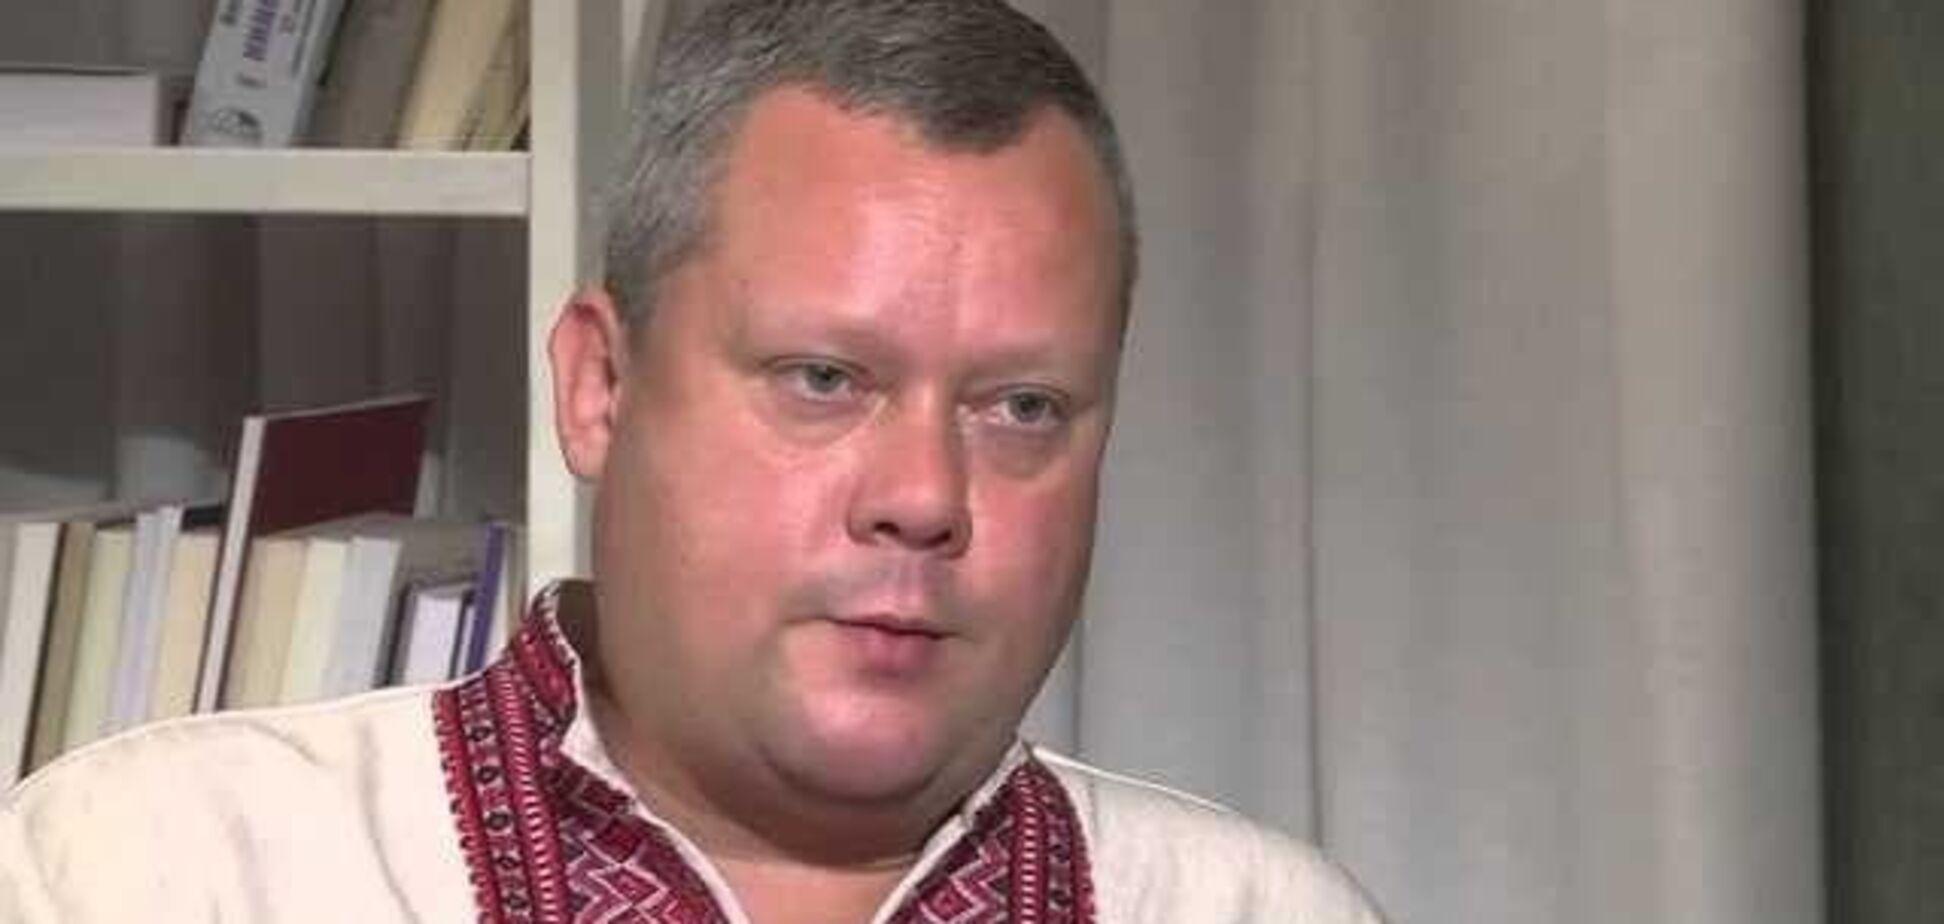 Кирило Сазонов прокоментував заяву Палиці, що газ повинен коштувати дешевше на 60%